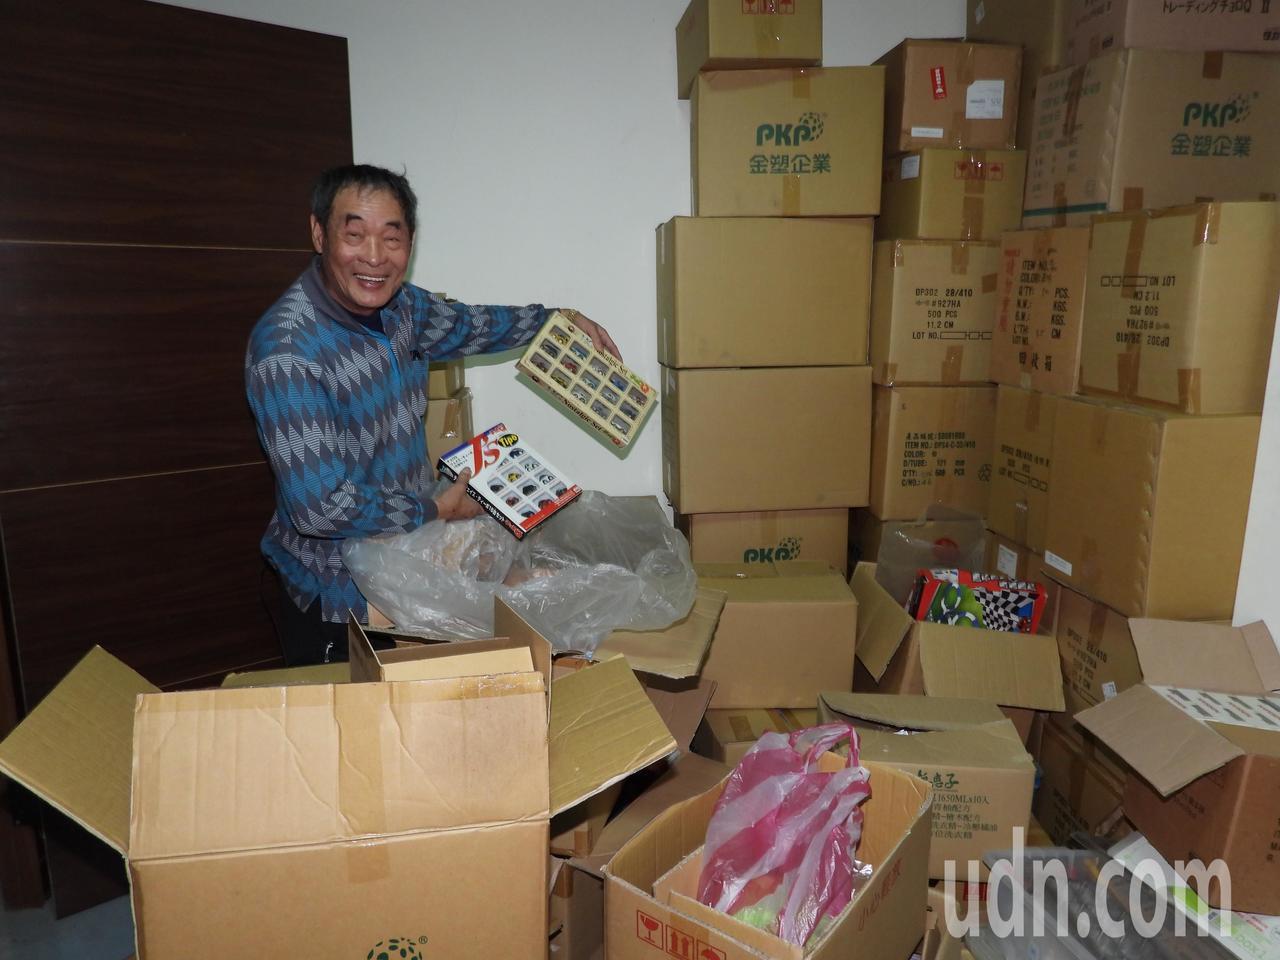 王高榮的密室還有數以萬計裝箱未開封模型車。記者周宗禎/攝影